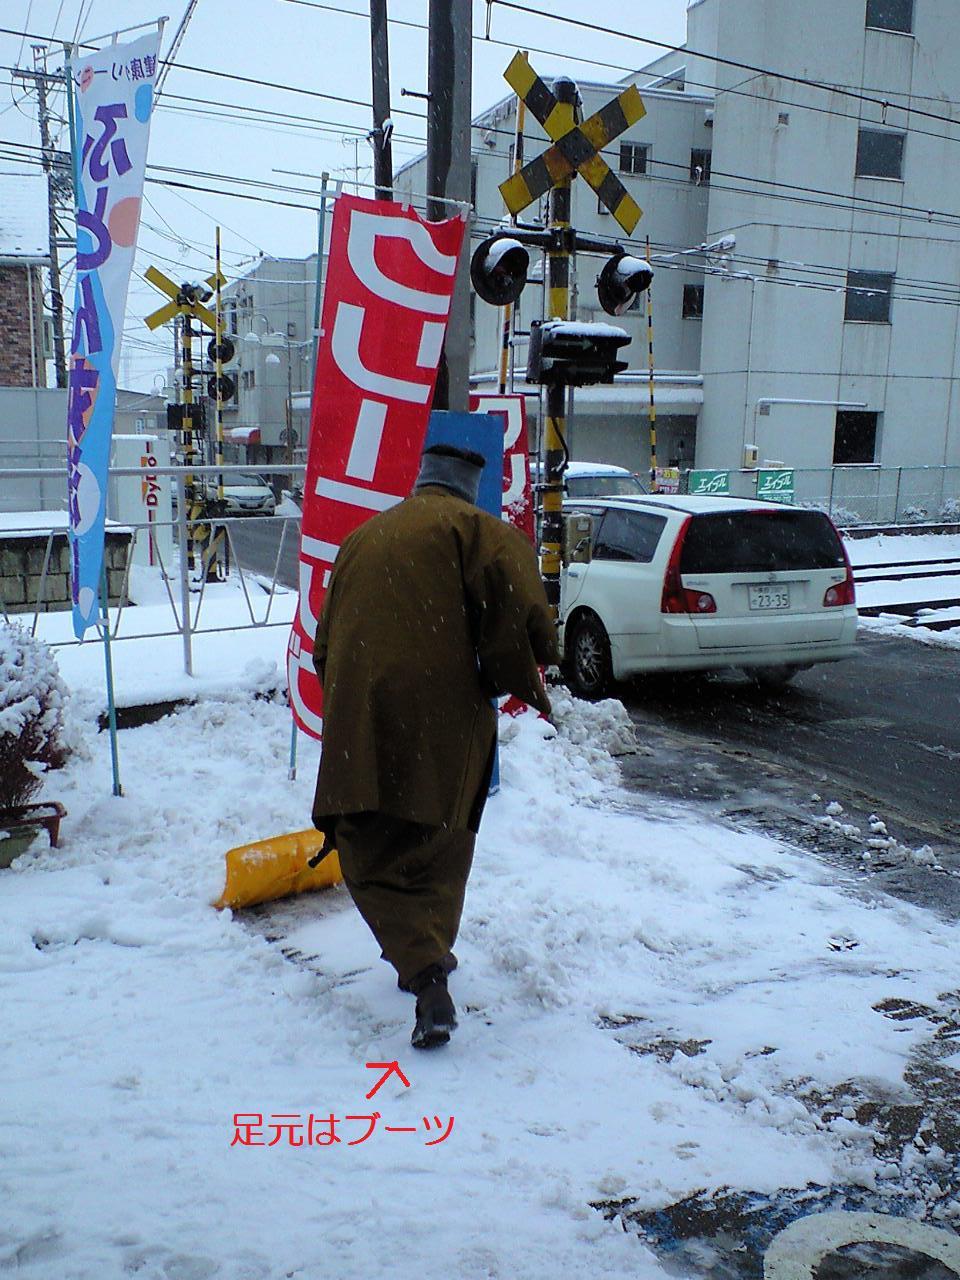 雪降りの朝 (9) - コピー